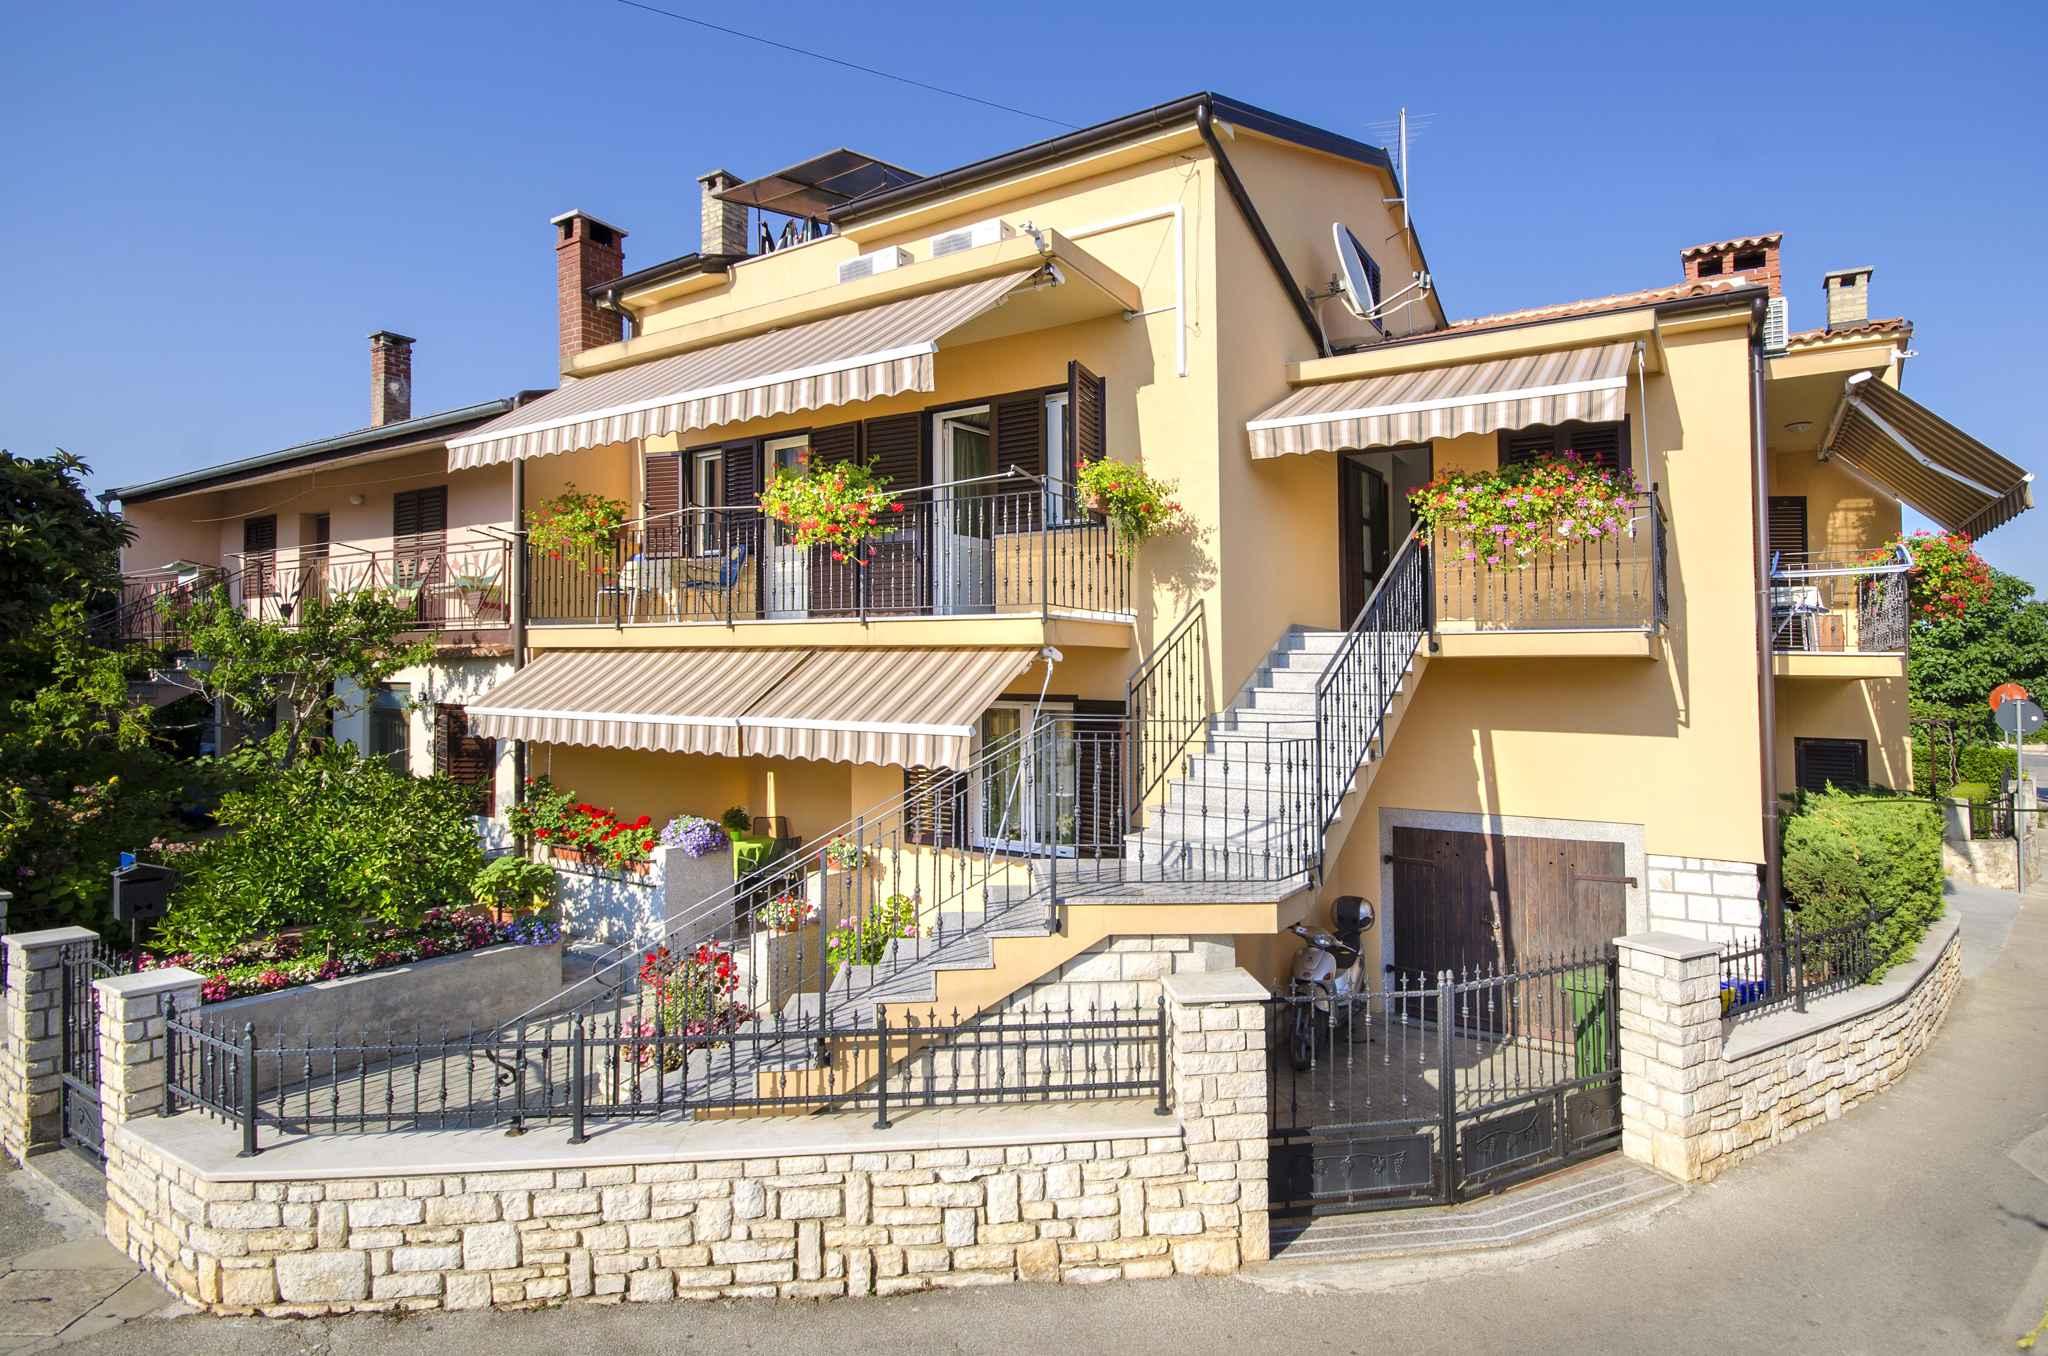 Ferienwohnung mit Stadtblick (281028), Rovinj, , Istrien, Kroatien, Bild 2